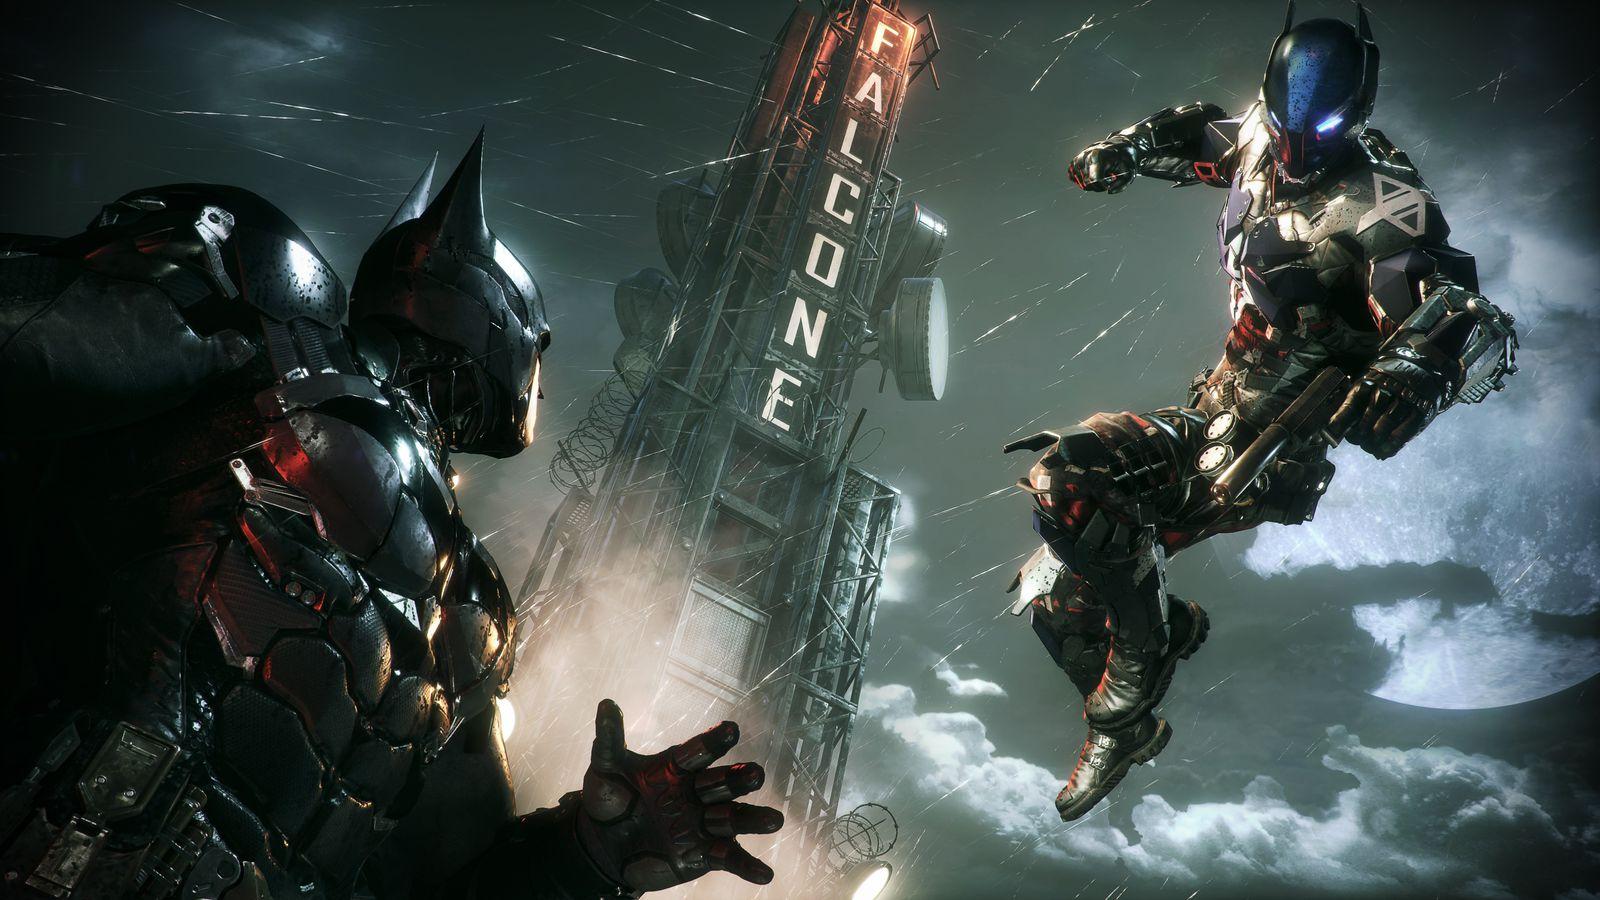 همه چیز درباره داستان بازی Gotham Knights